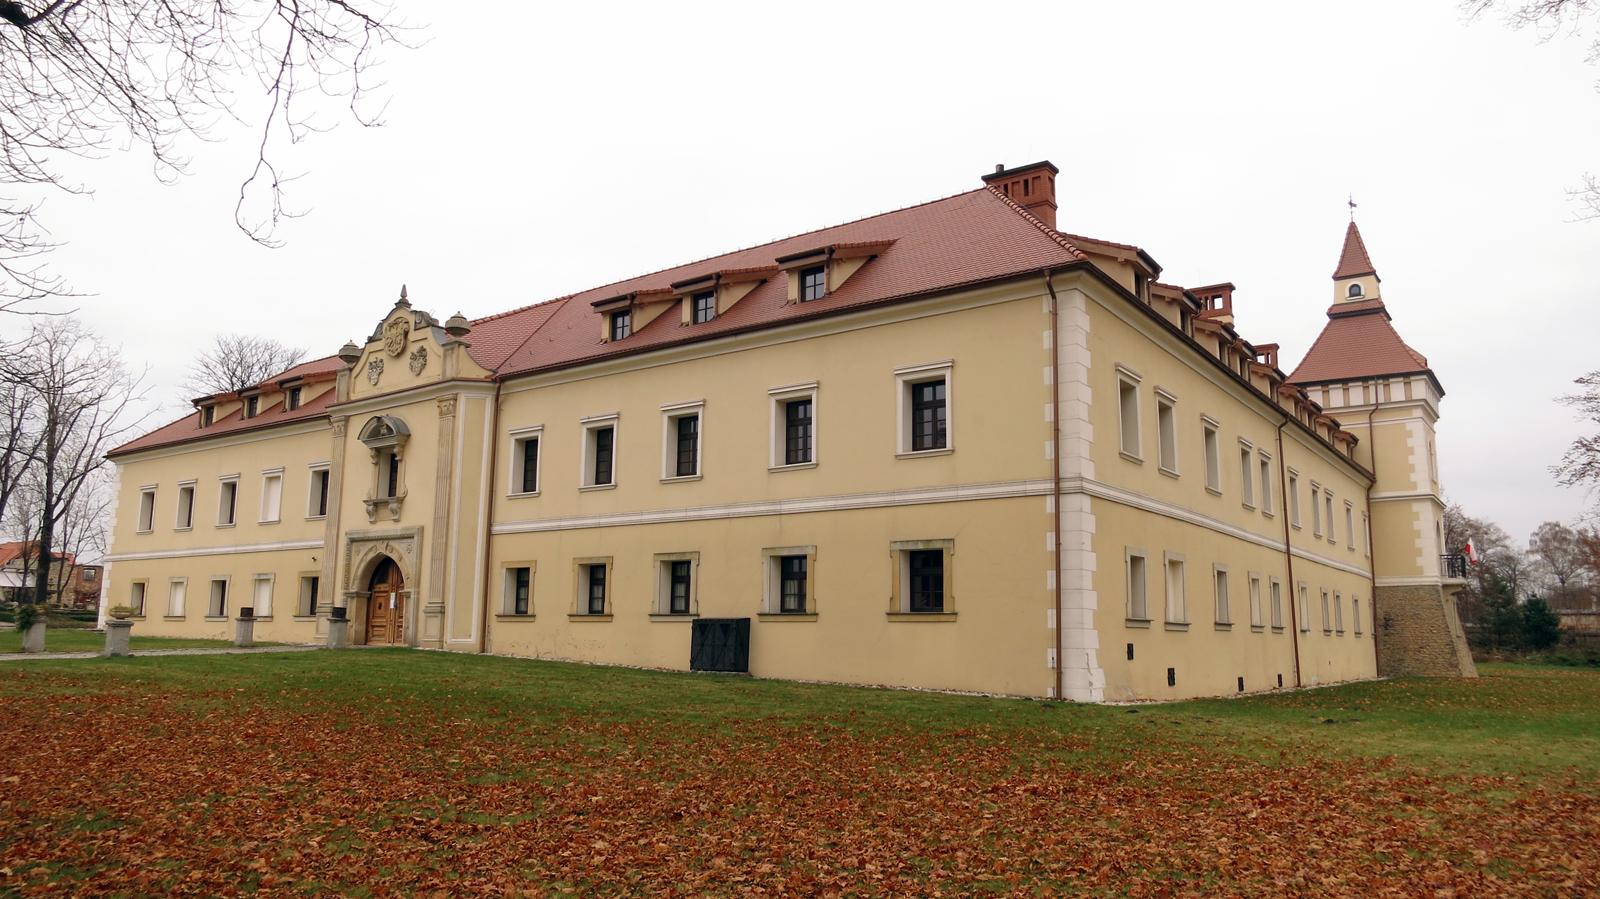 Tarnowice Stare - kompleks zamkowy z XVI wieku